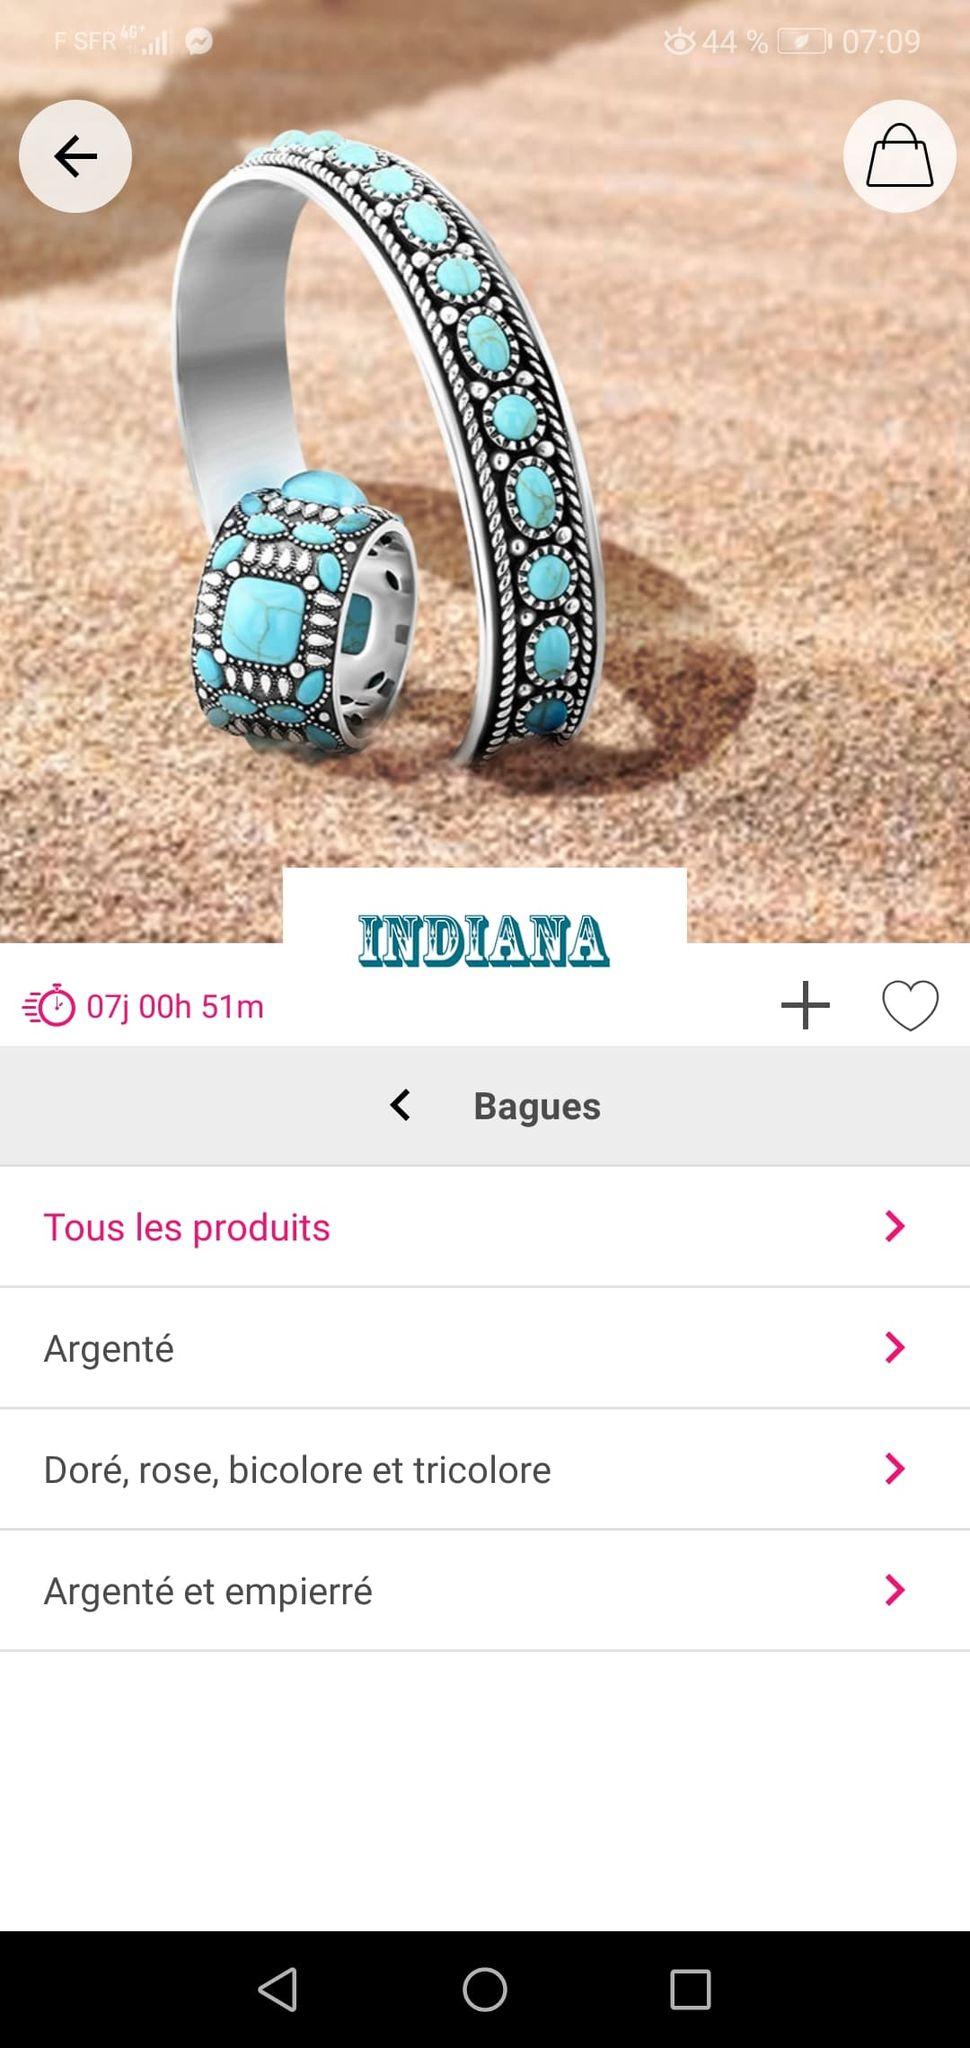 Bague Indiana slide 1